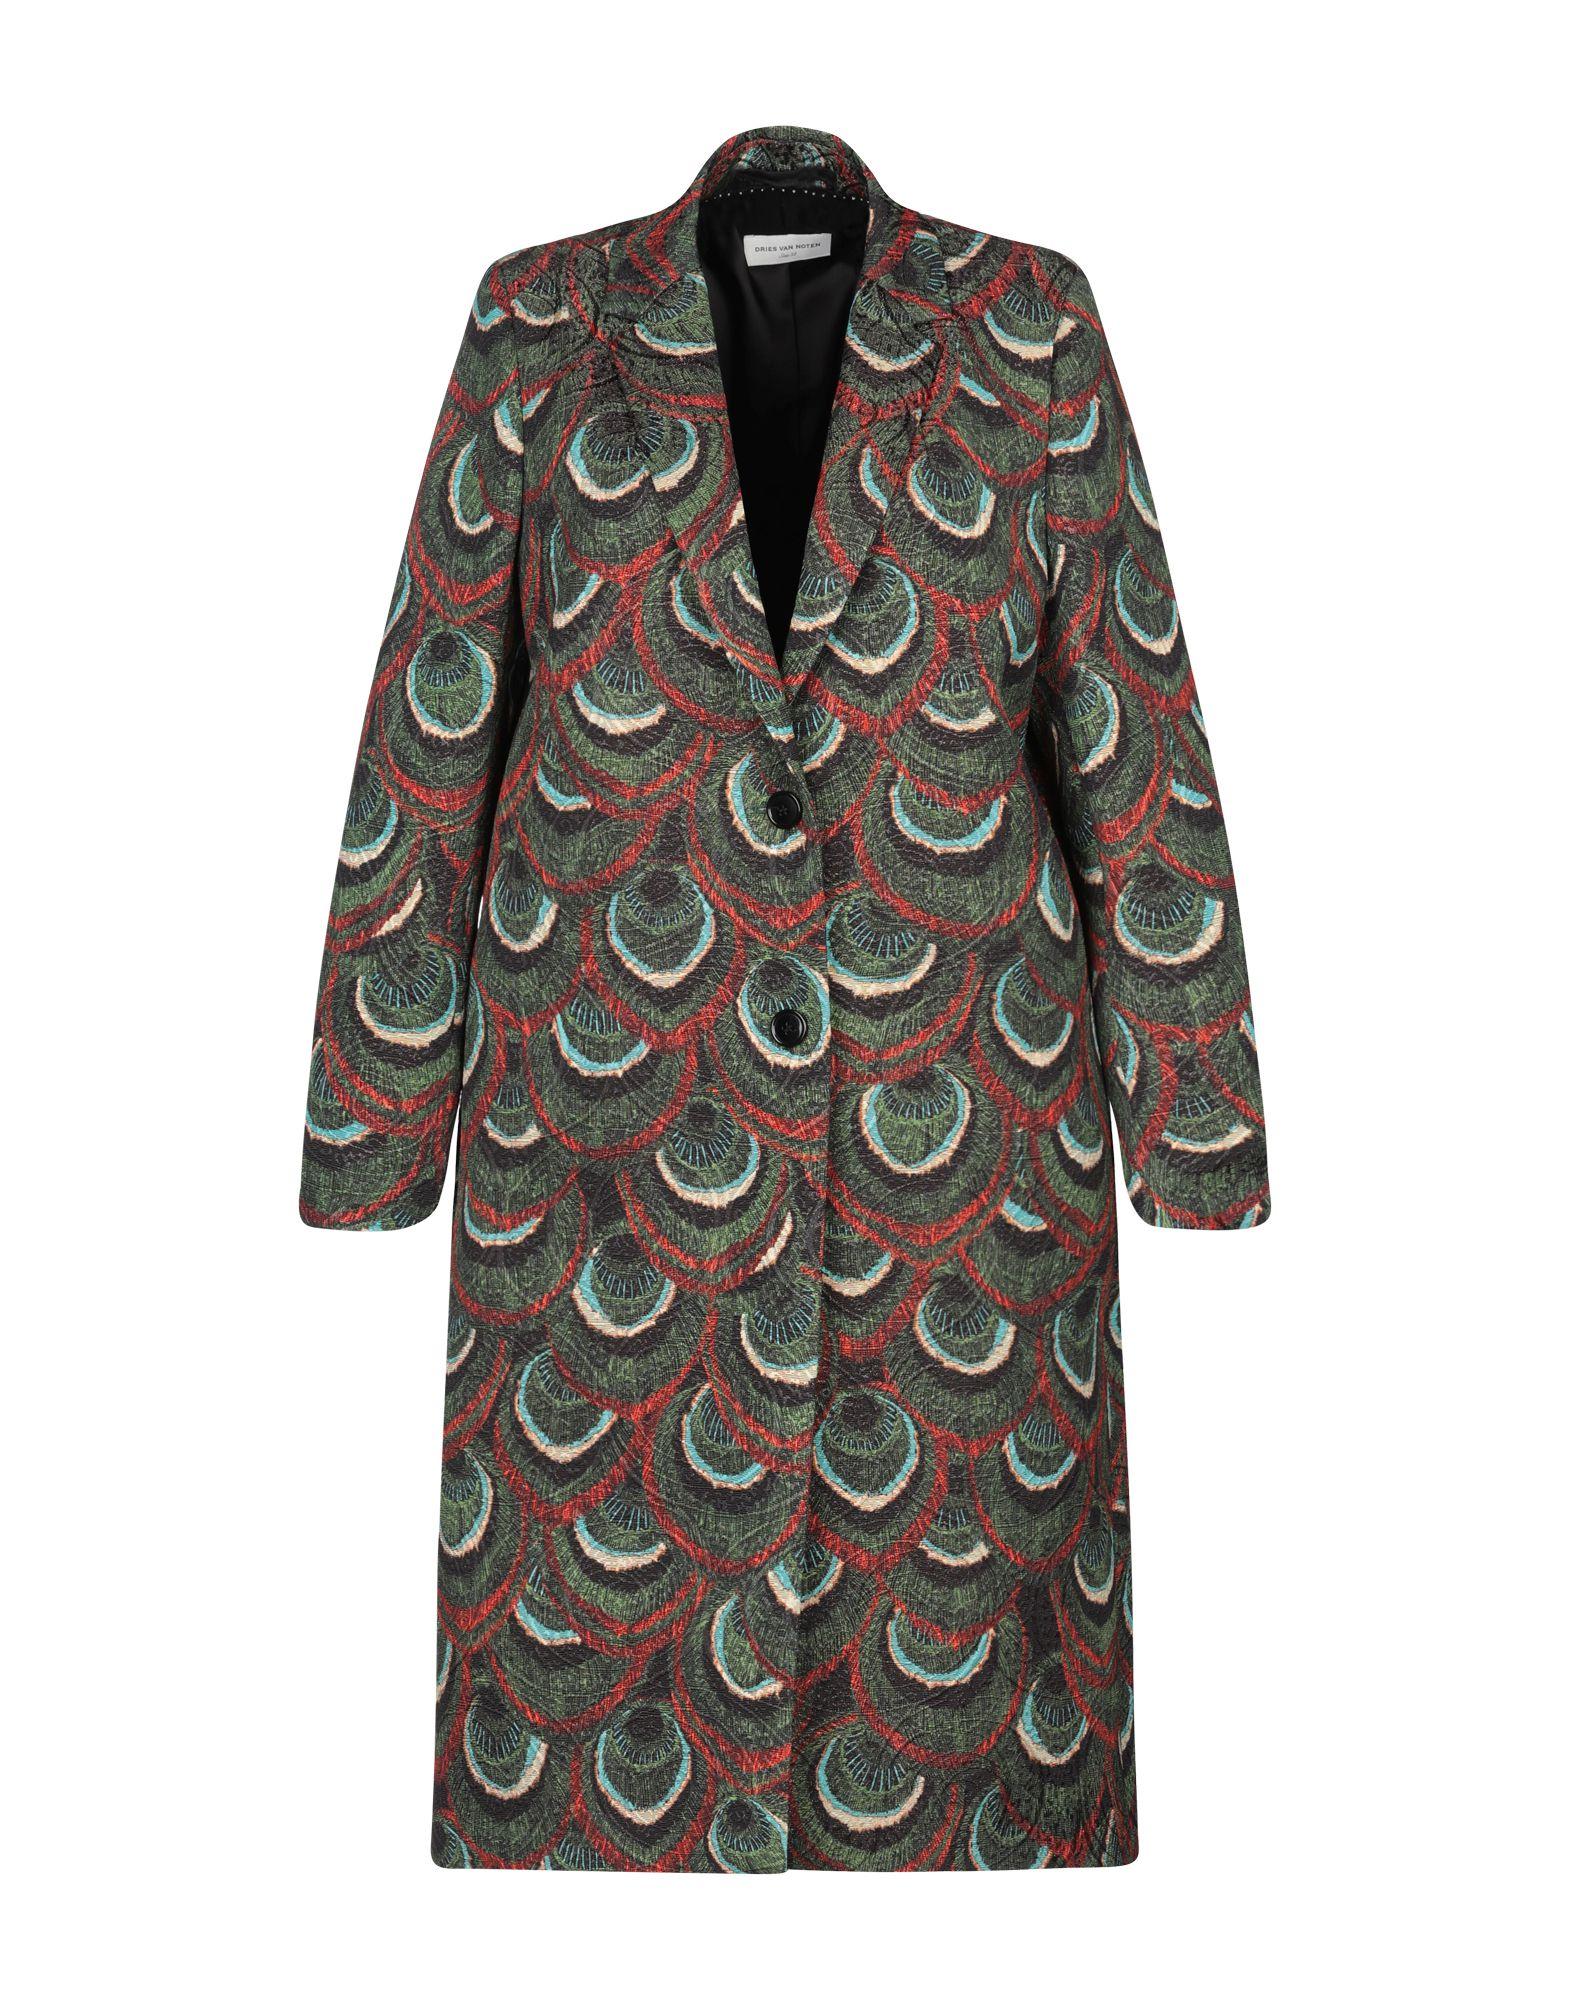 Cappotti donna online  cappotti eleganti 62bafe223ff